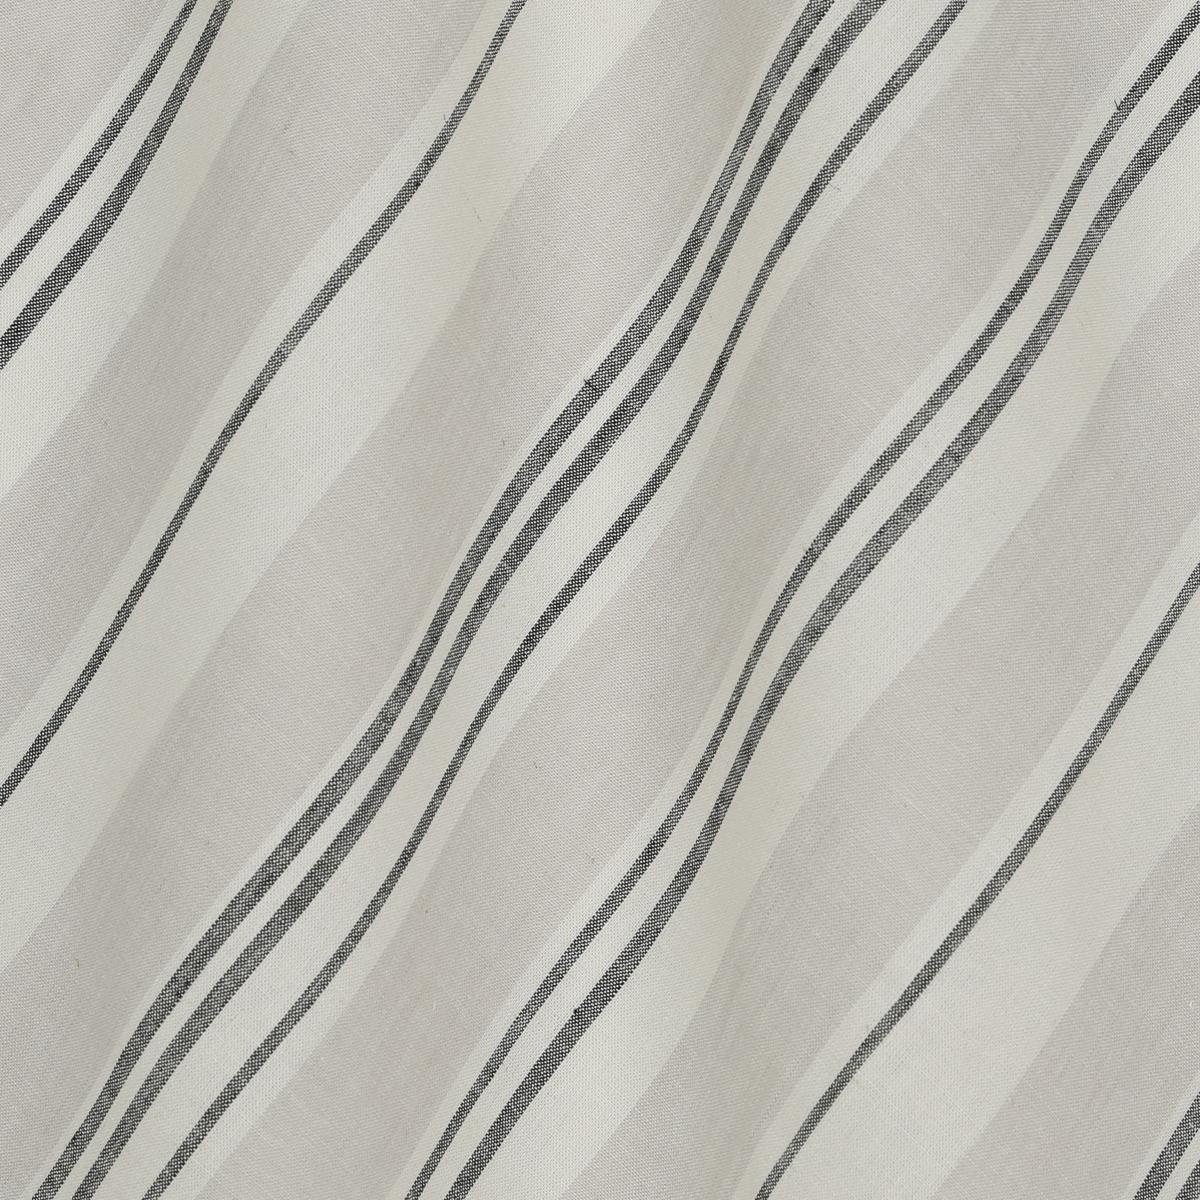 Вискозно-льняное полотно в полоску натуральных оттенков